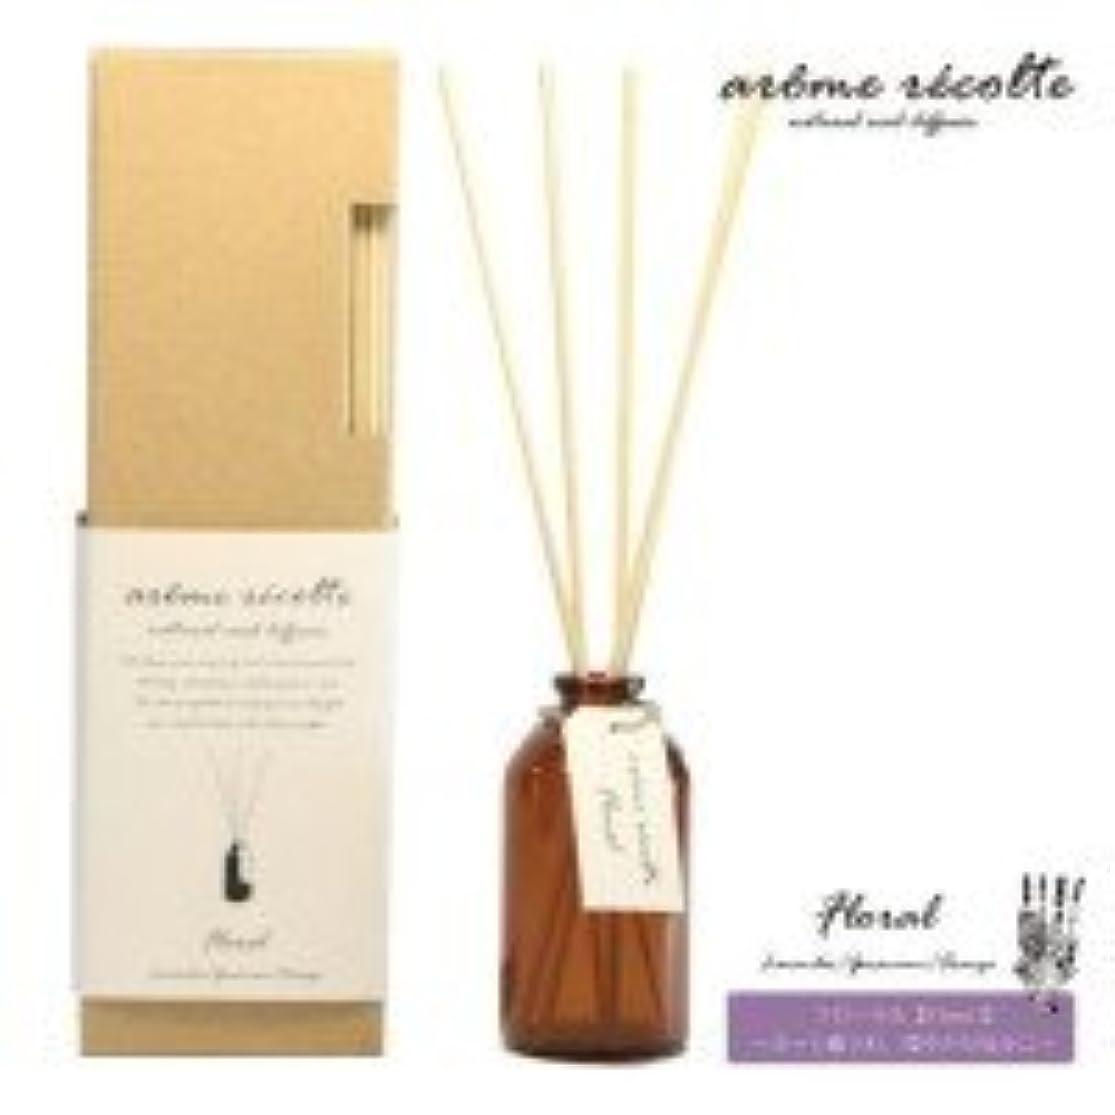 アロマレコルト ナチュラルアロマディフューザー  フローラル【Floral】 arome rcolte